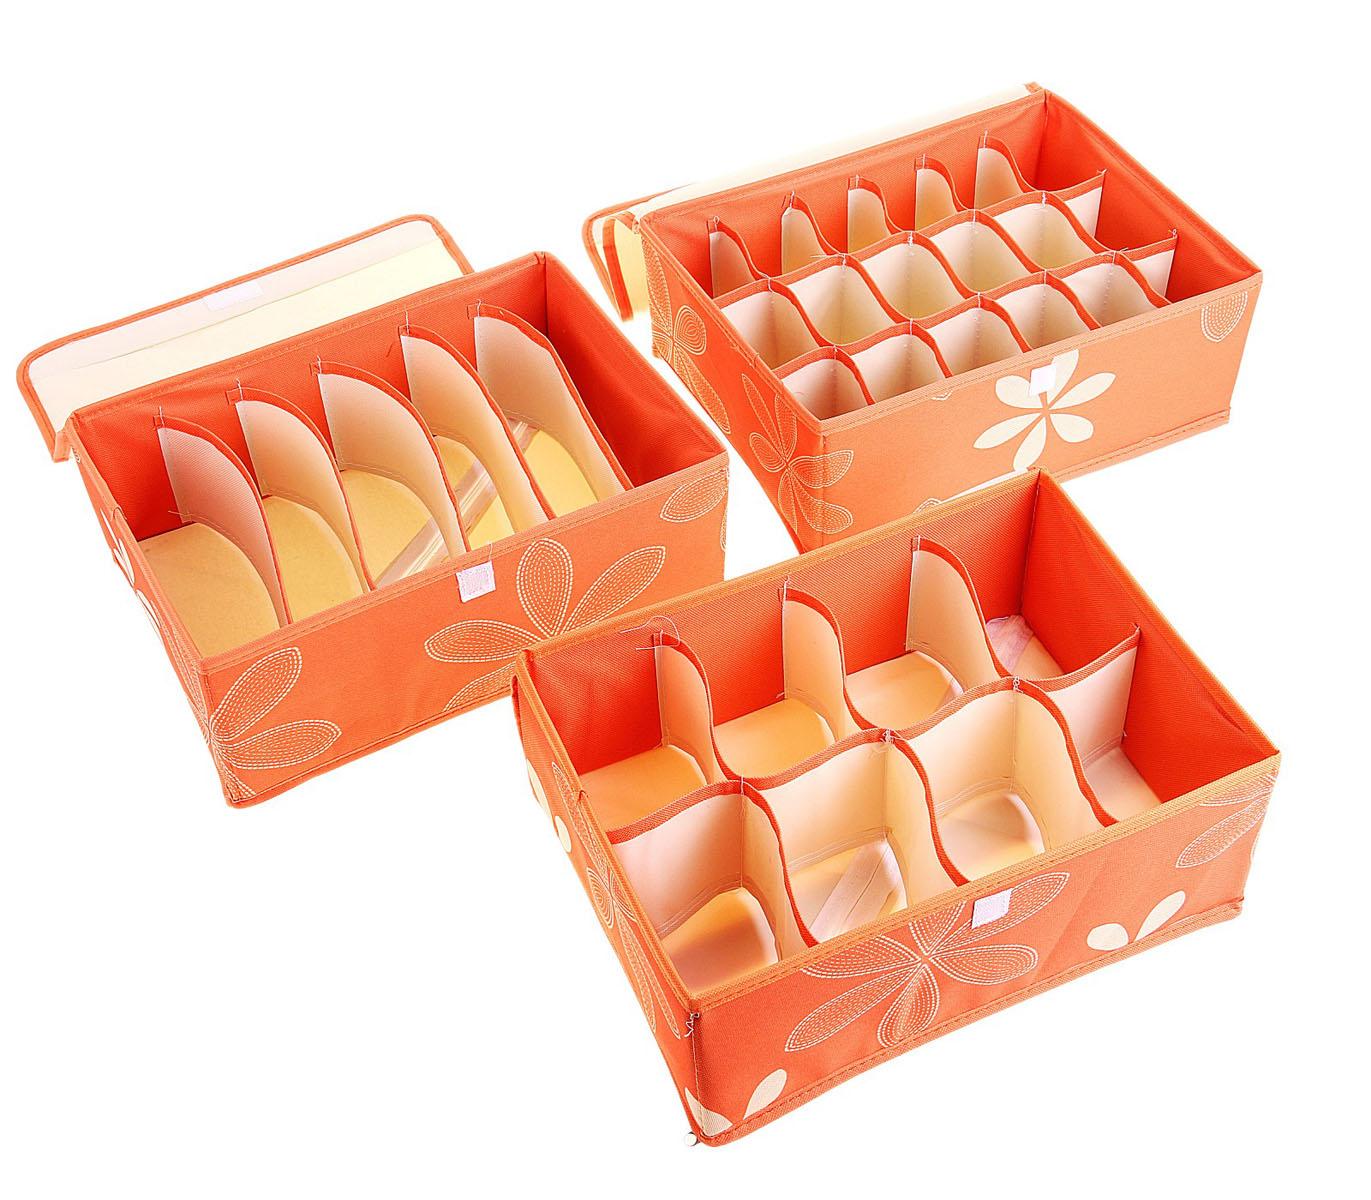 Кофр для мелких вещей Sima-land Цветы, с крышкой, цвет: оранжевый, 32 х 24 х 12 см, 3 шт760572